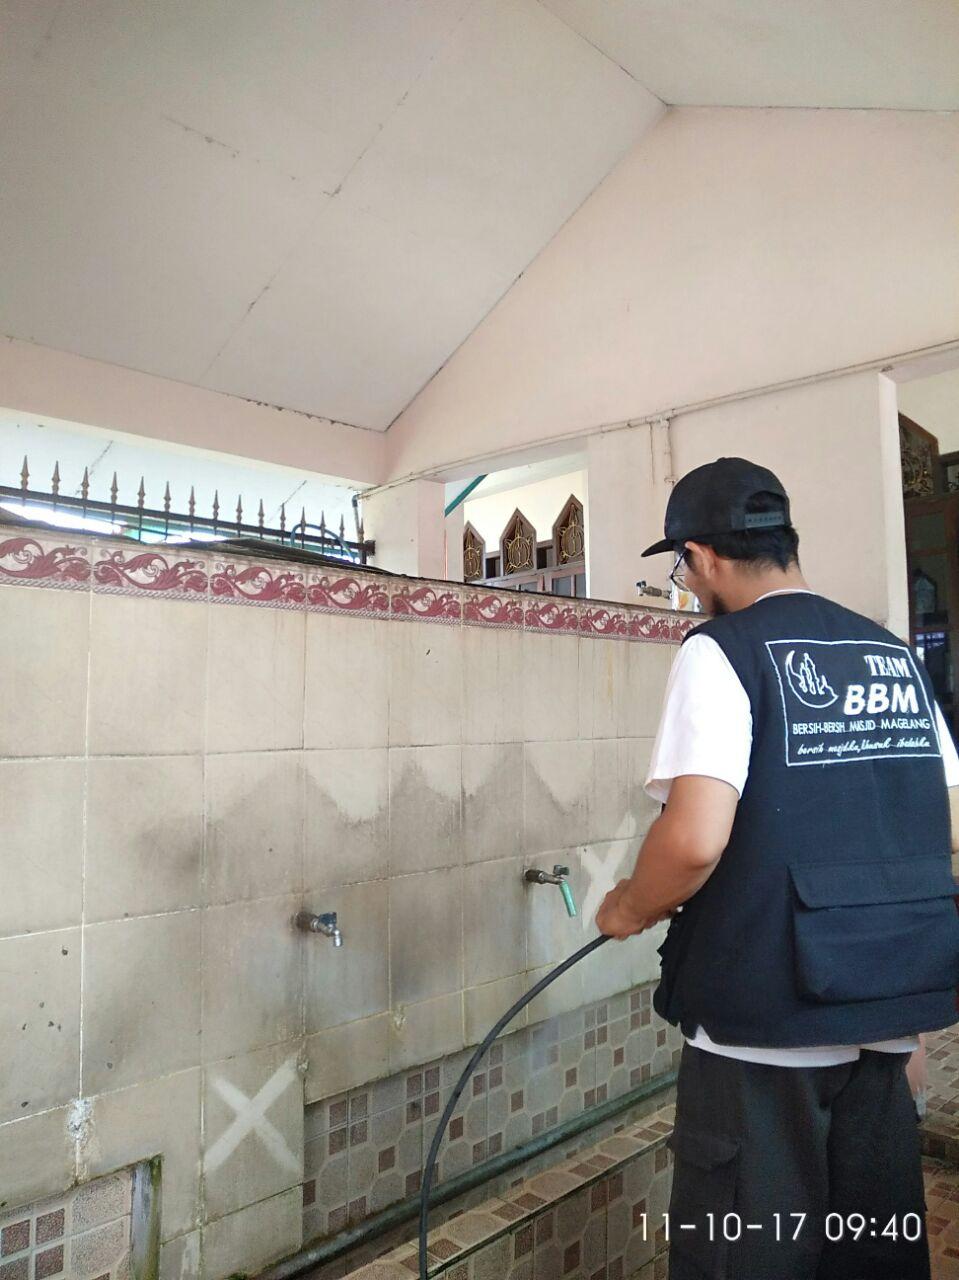 Aksi Bersih Masjid Ukhuwah Islamiah Badakan Oleh Tim Bbm Salah